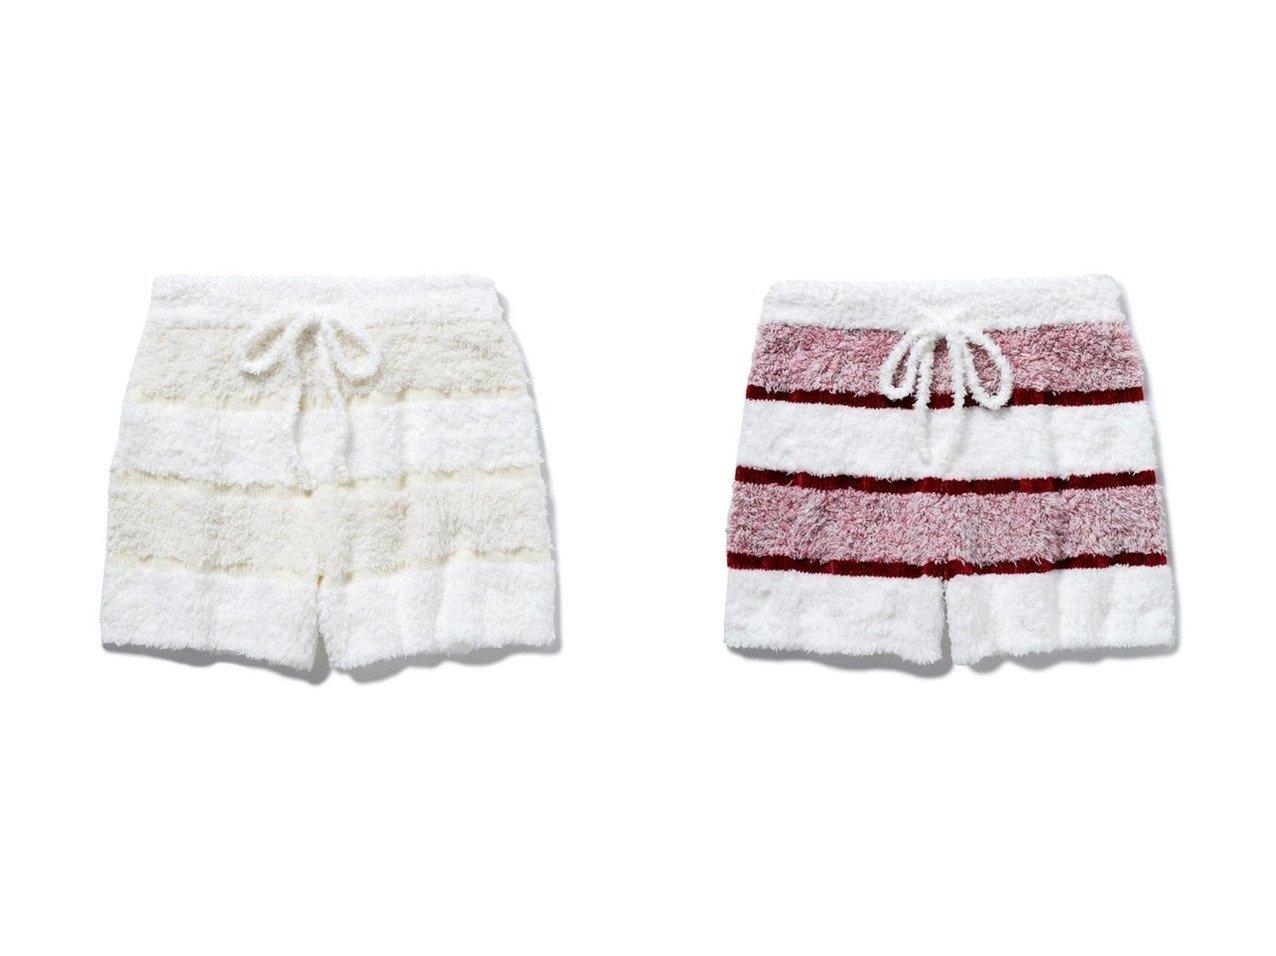 【gelato pique/ジェラート ピケ】の【PARIYA】ケーキBDショートパンツ パンツのおすすめ!人気、トレンド・レディースファッションの通販 おすすめで人気の流行・トレンド、ファッションの通販商品 メンズファッション・キッズファッション・インテリア・家具・レディースファッション・服の通販 founy(ファニー) https://founy.com/ ファッション Fashion レディースファッション WOMEN パンツ Pants ハーフ / ショートパンツ Short Pants インナー カーディガン コレクション ショート スウィート 人気 ベロア メランジ  ID:crp329100000012885